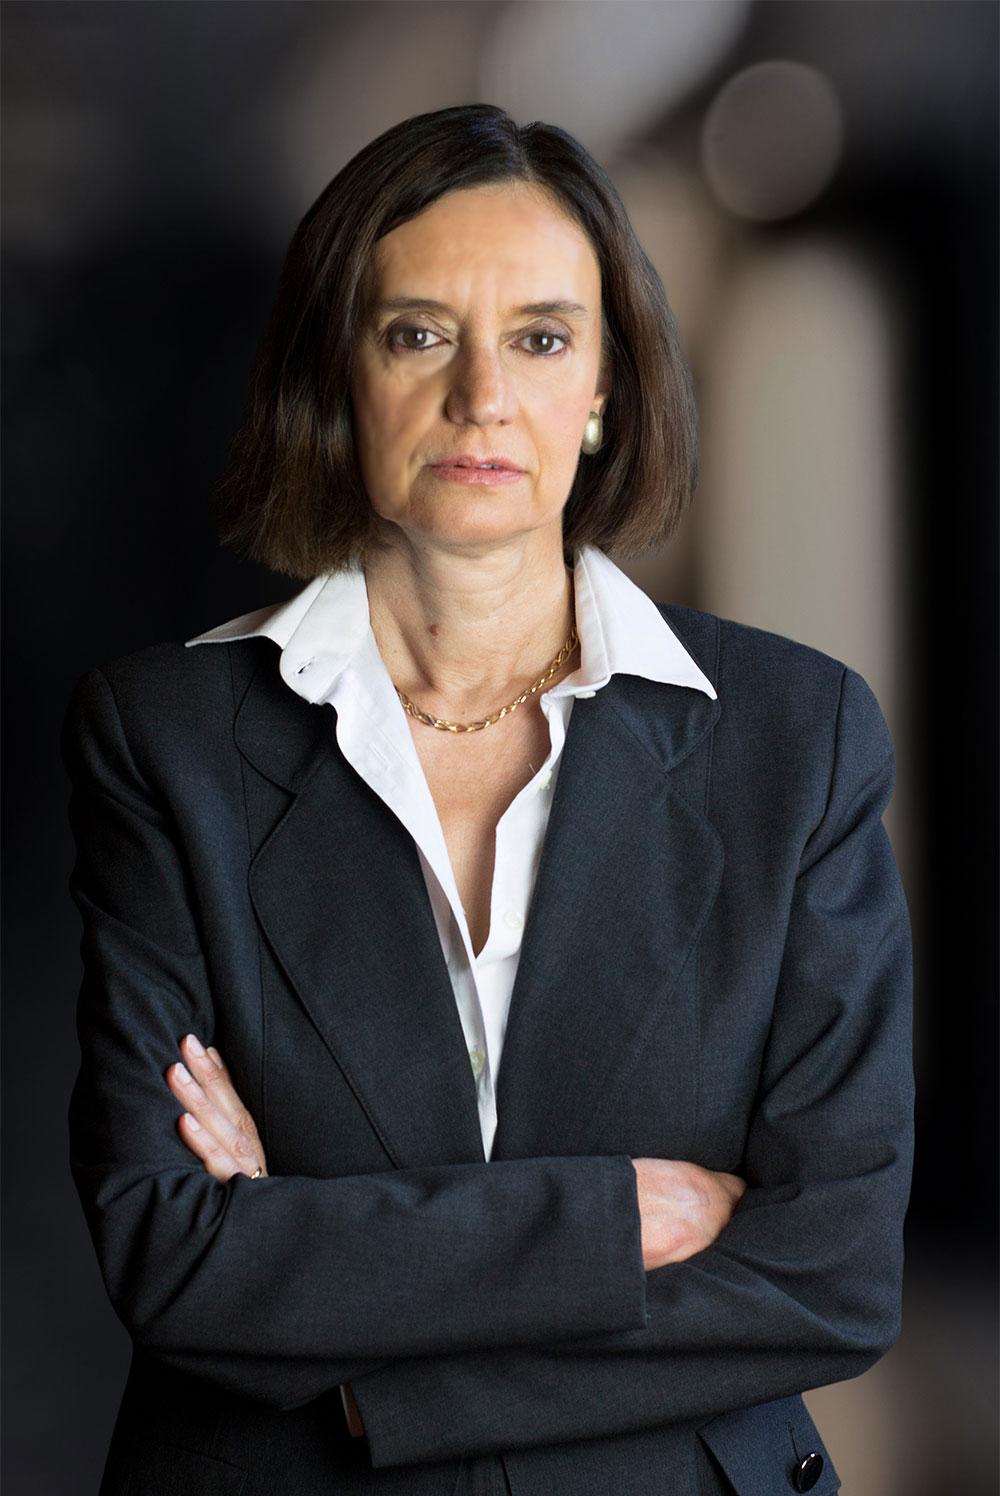 Daniela Jouvenal Long